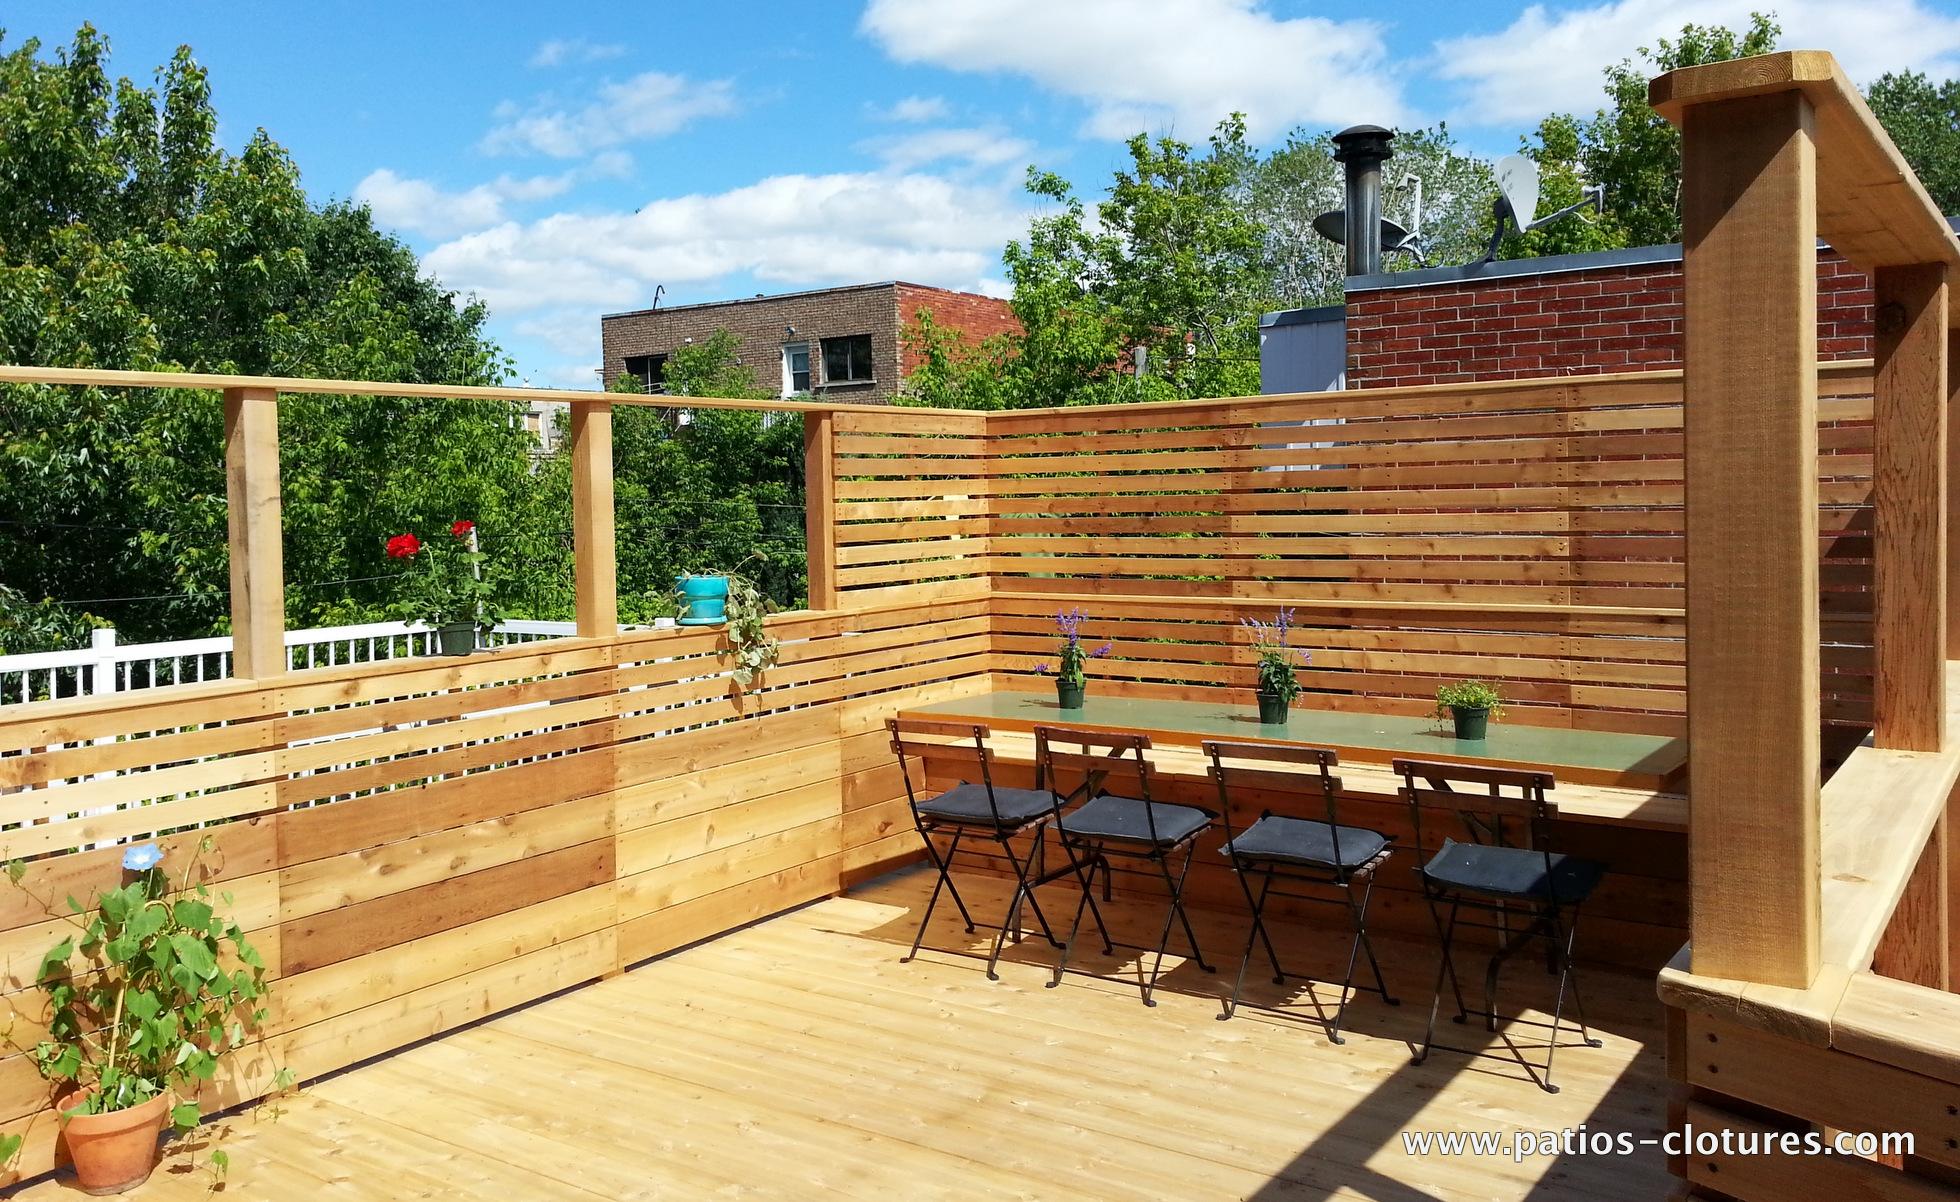 terrasse sur le toit doucet patios et cl tures beaulieu. Black Bedroom Furniture Sets. Home Design Ideas